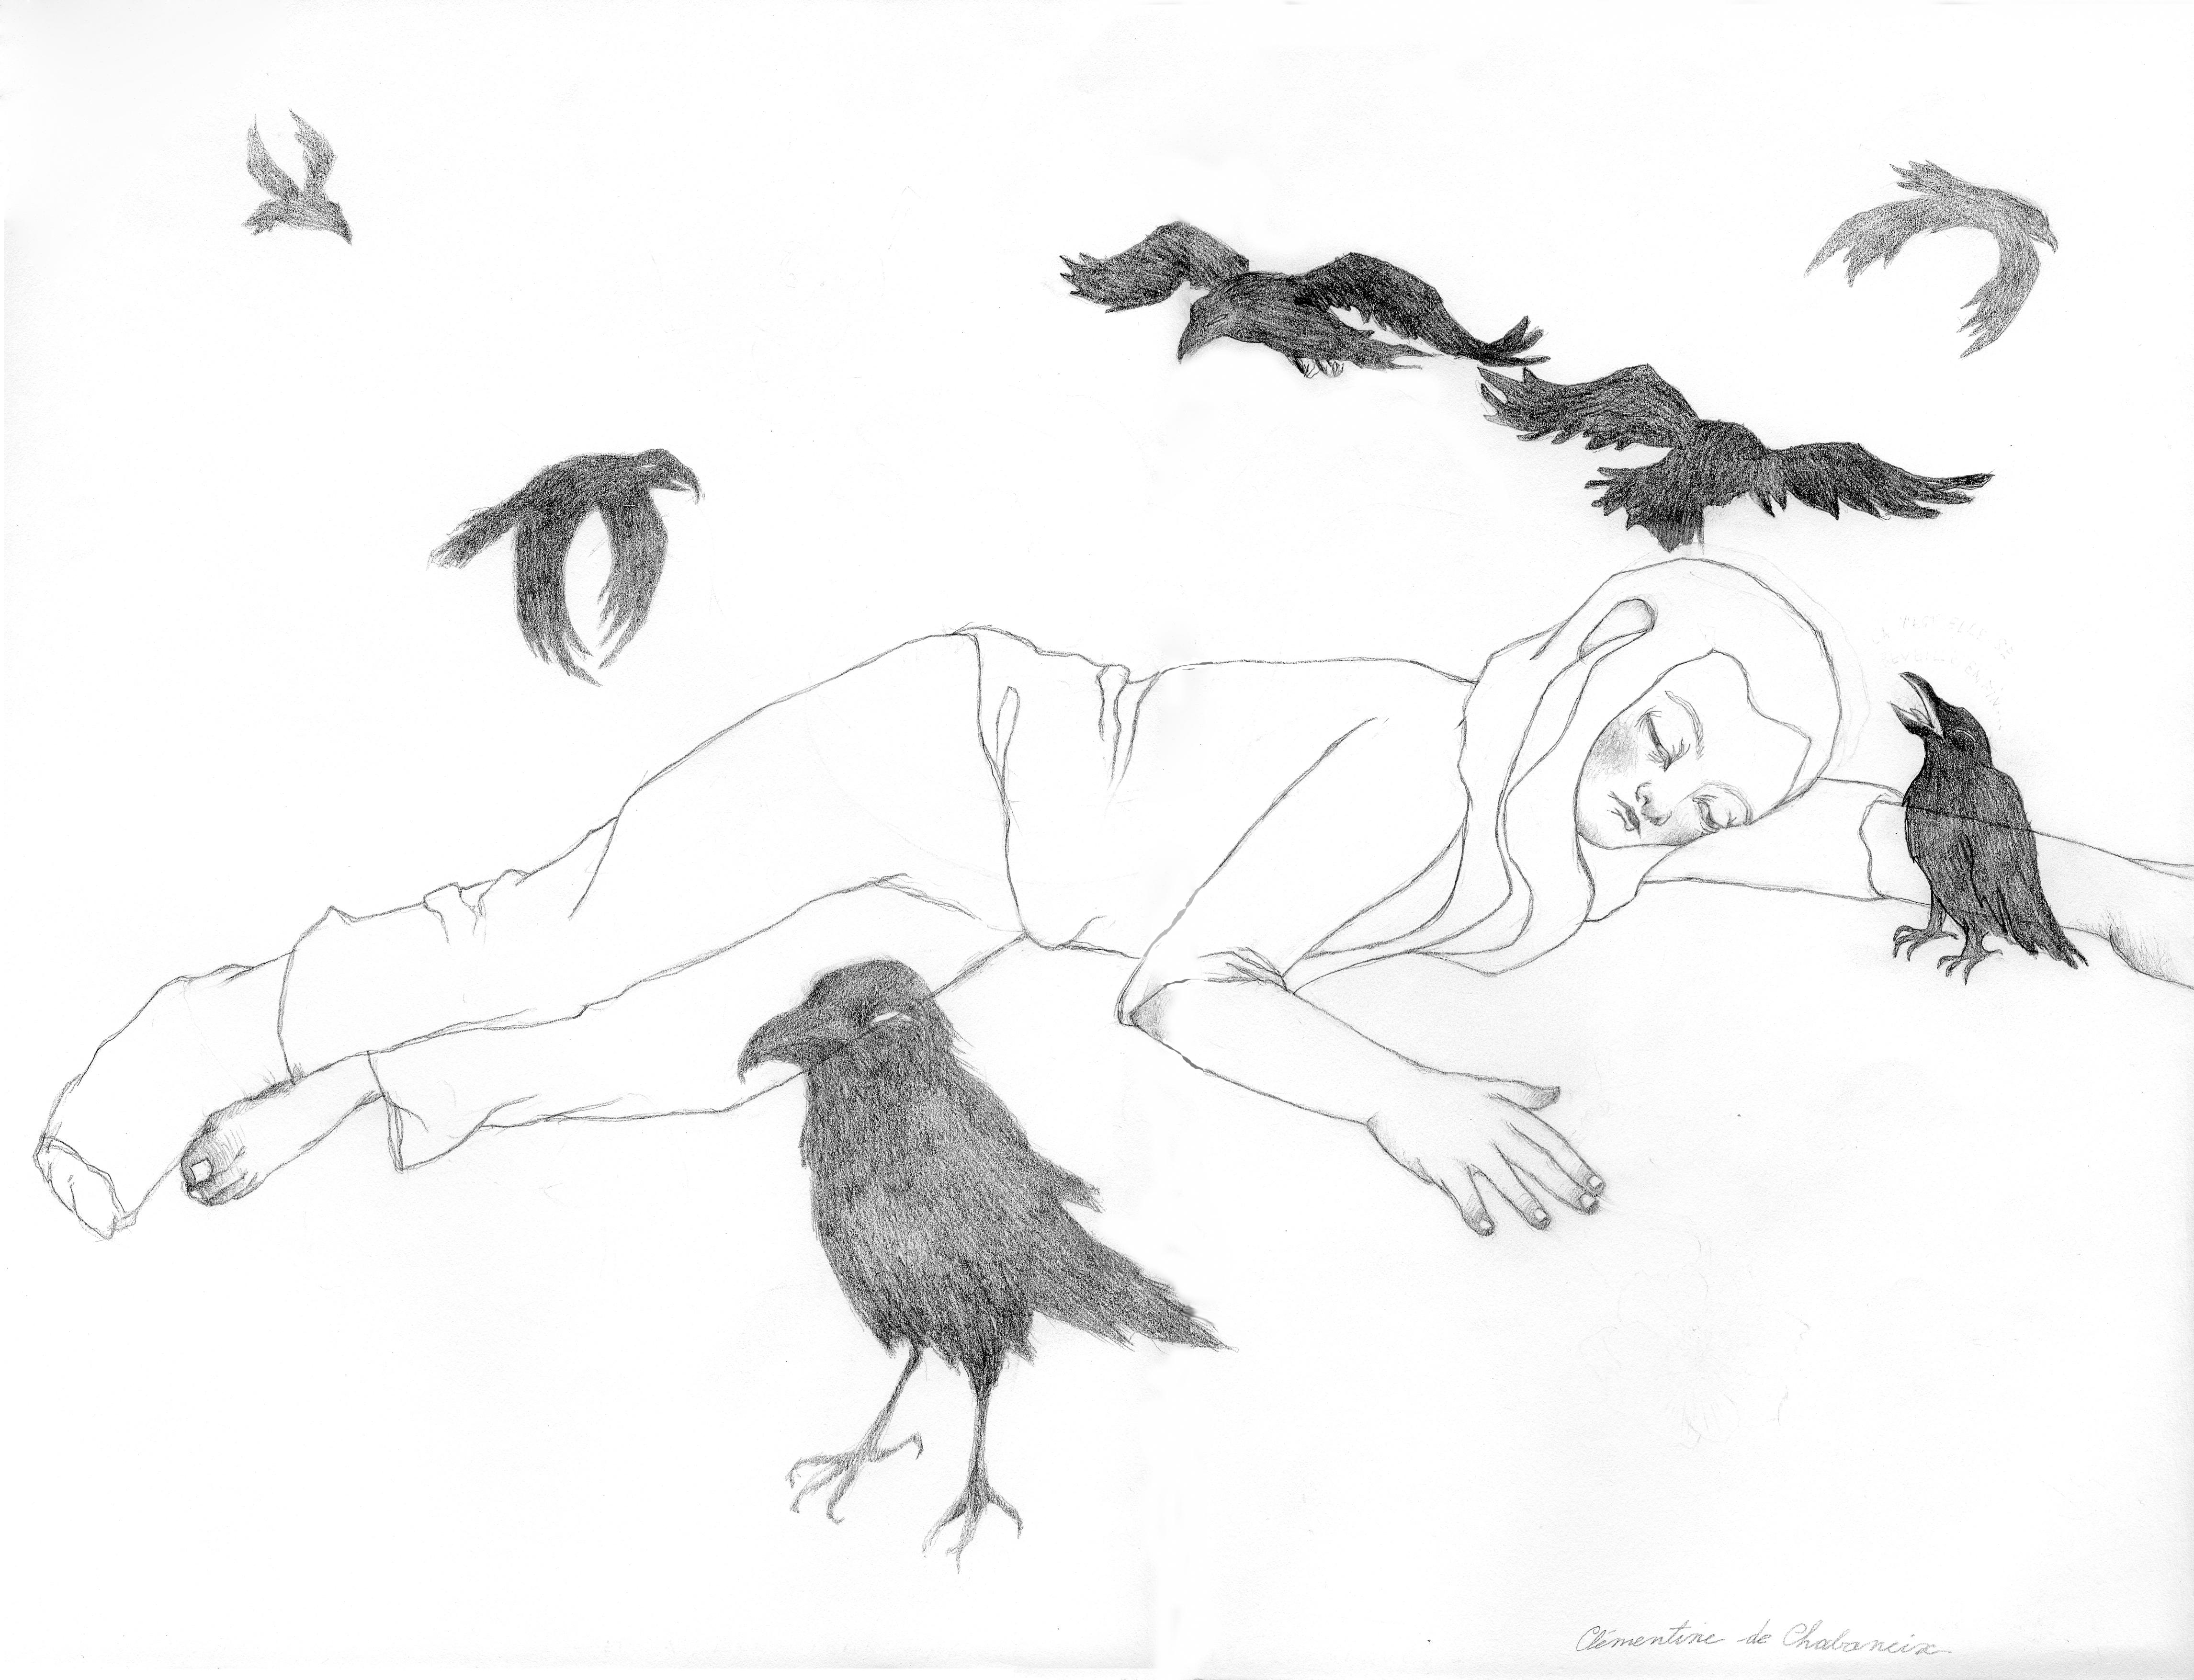 Hier handelt es sich um eine Zeichnung der Künstlerin Clémentine de Chabaneix. Ein Mädchen mit einem Gipsfuß liegt am Boden und ist umringt von Krähen.